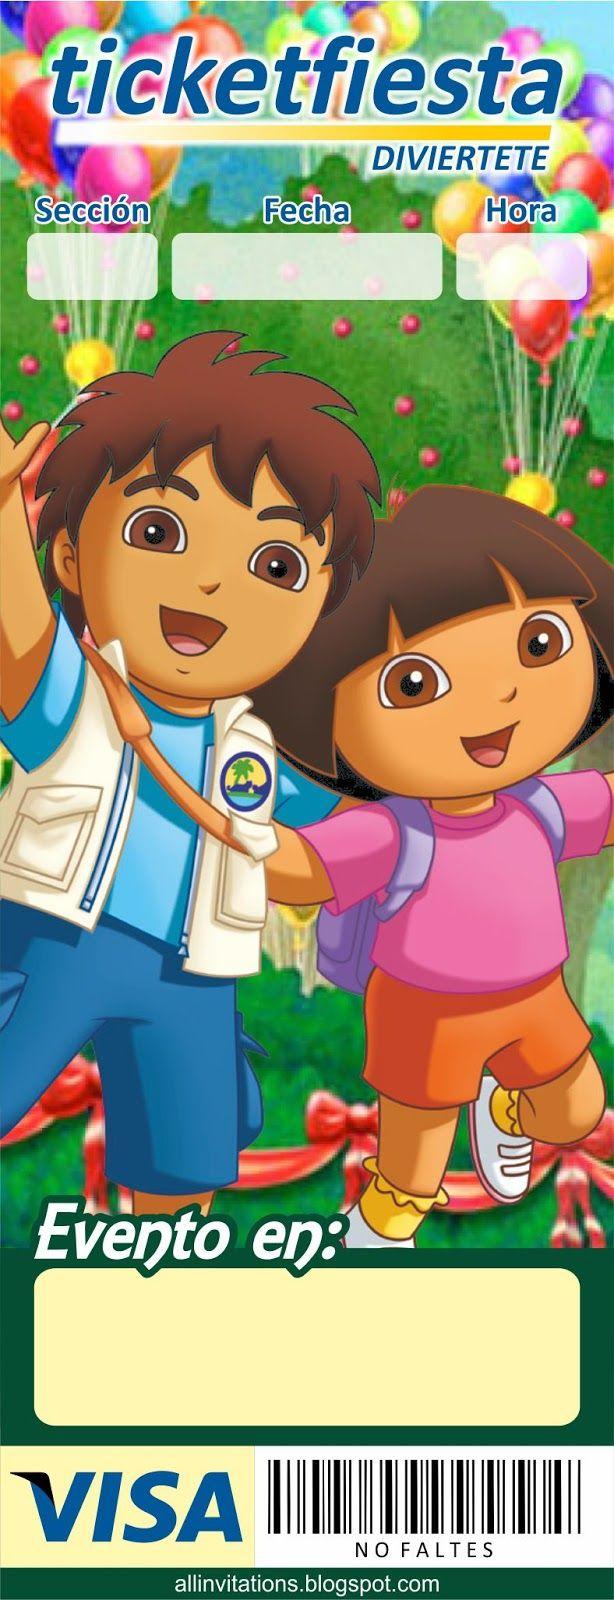 Plantilla Invitación Ticketmaster Diego y Dora